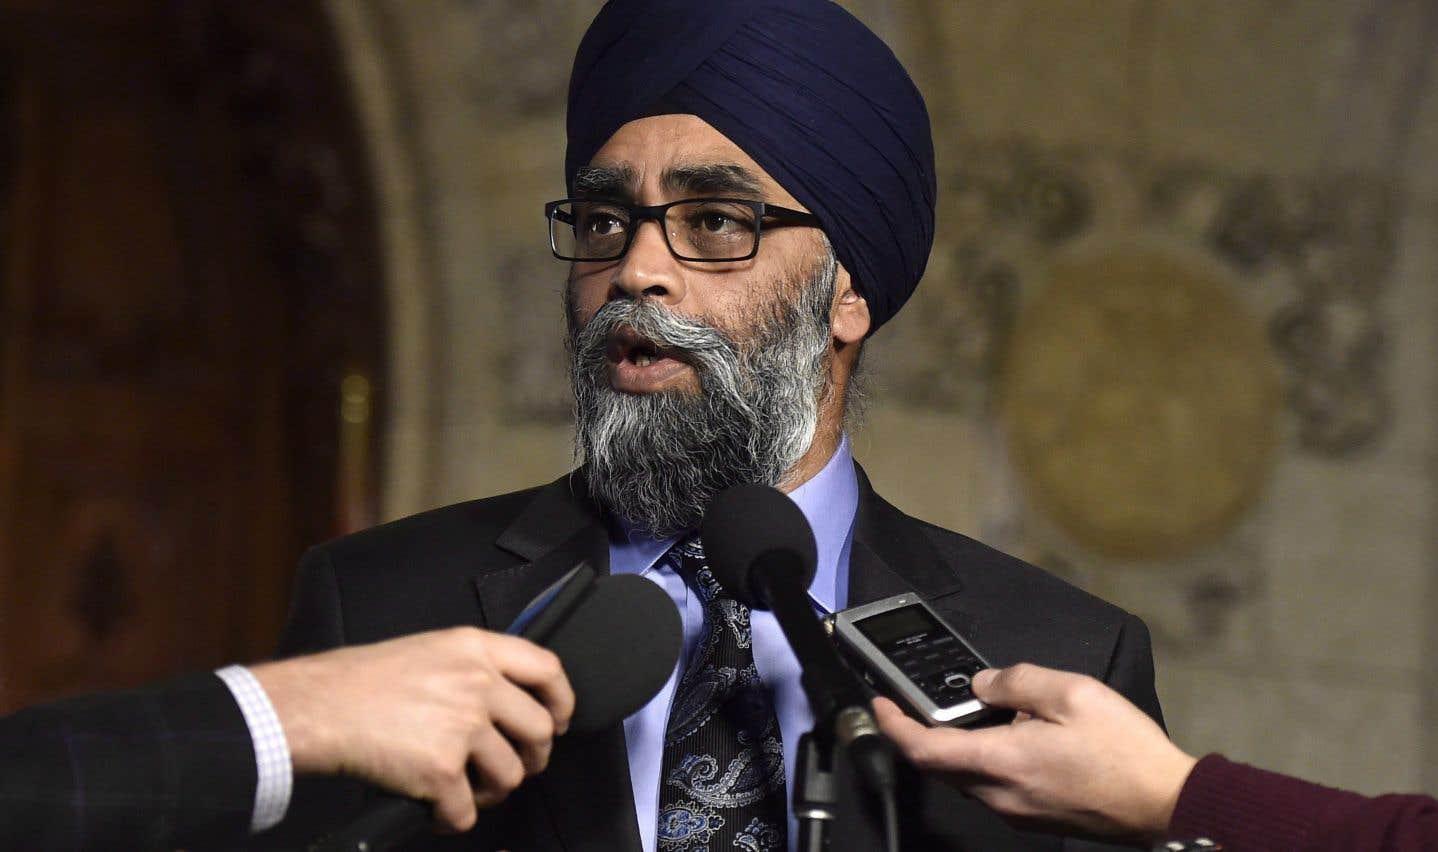 L'armée veut régler des actions collectives à l'amiable, dit le ministre Sajjan